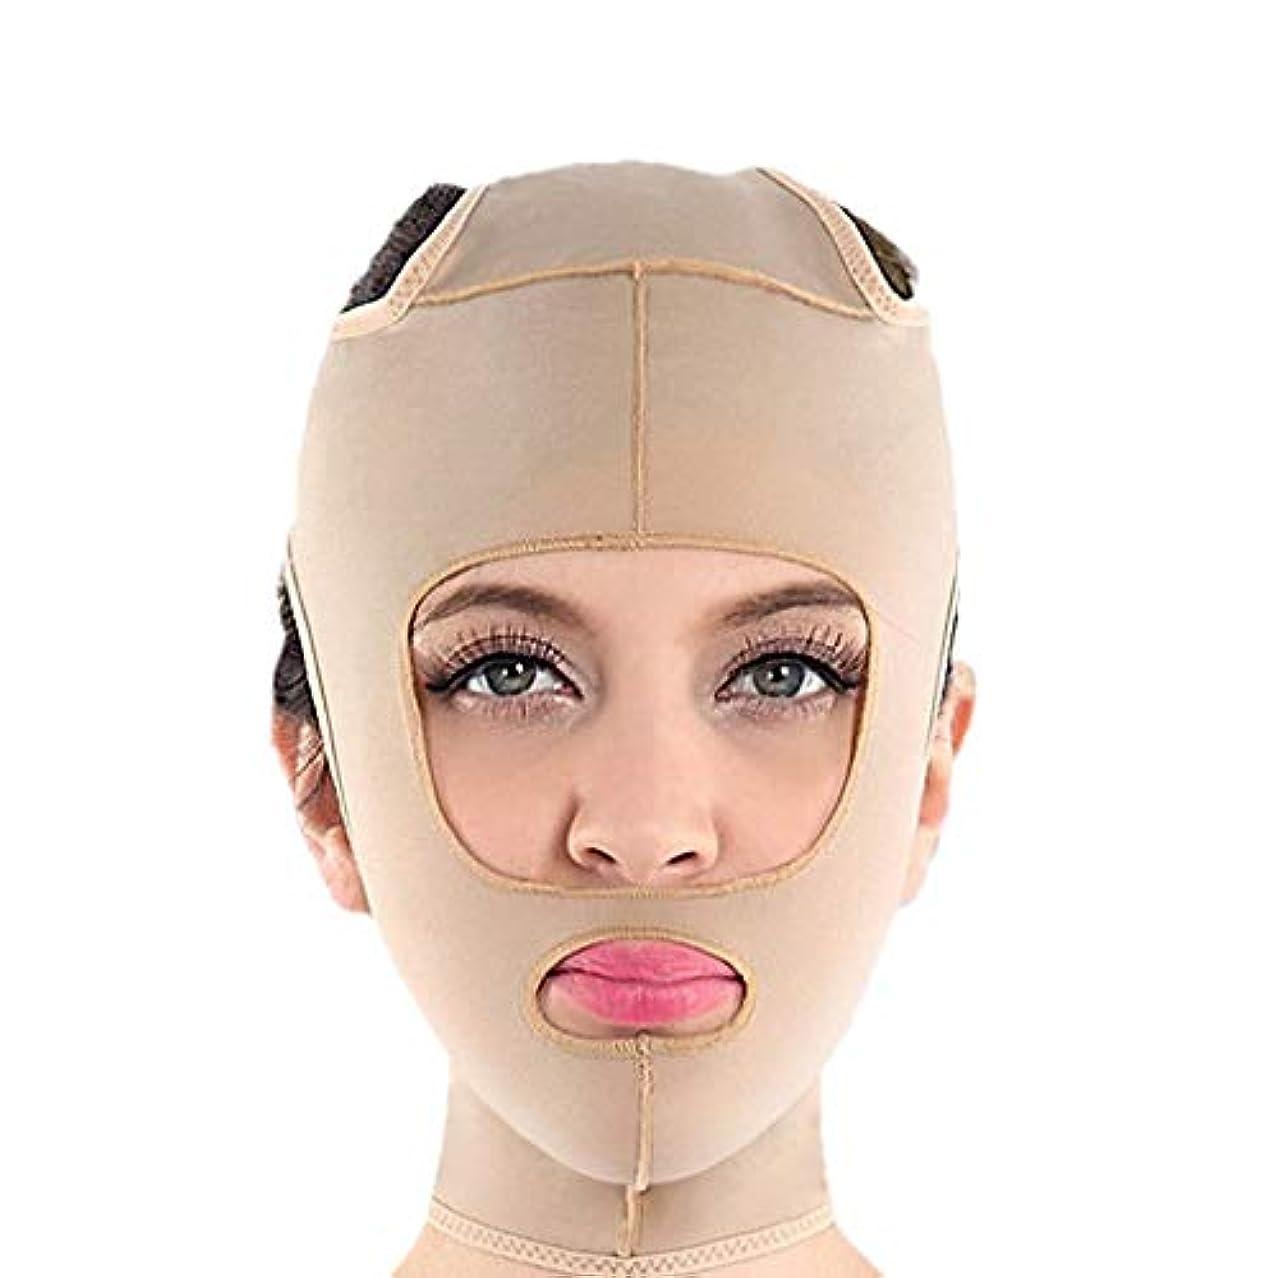 数値ホイスト特定のフェイスリフティング、ダブルチンストラップ、フェイシャル減量マスク、ダブルチンを減らすリフティングヌードル、ファーミングフェイス、パワフルリフティングマスク(サイズ:M),ザ?